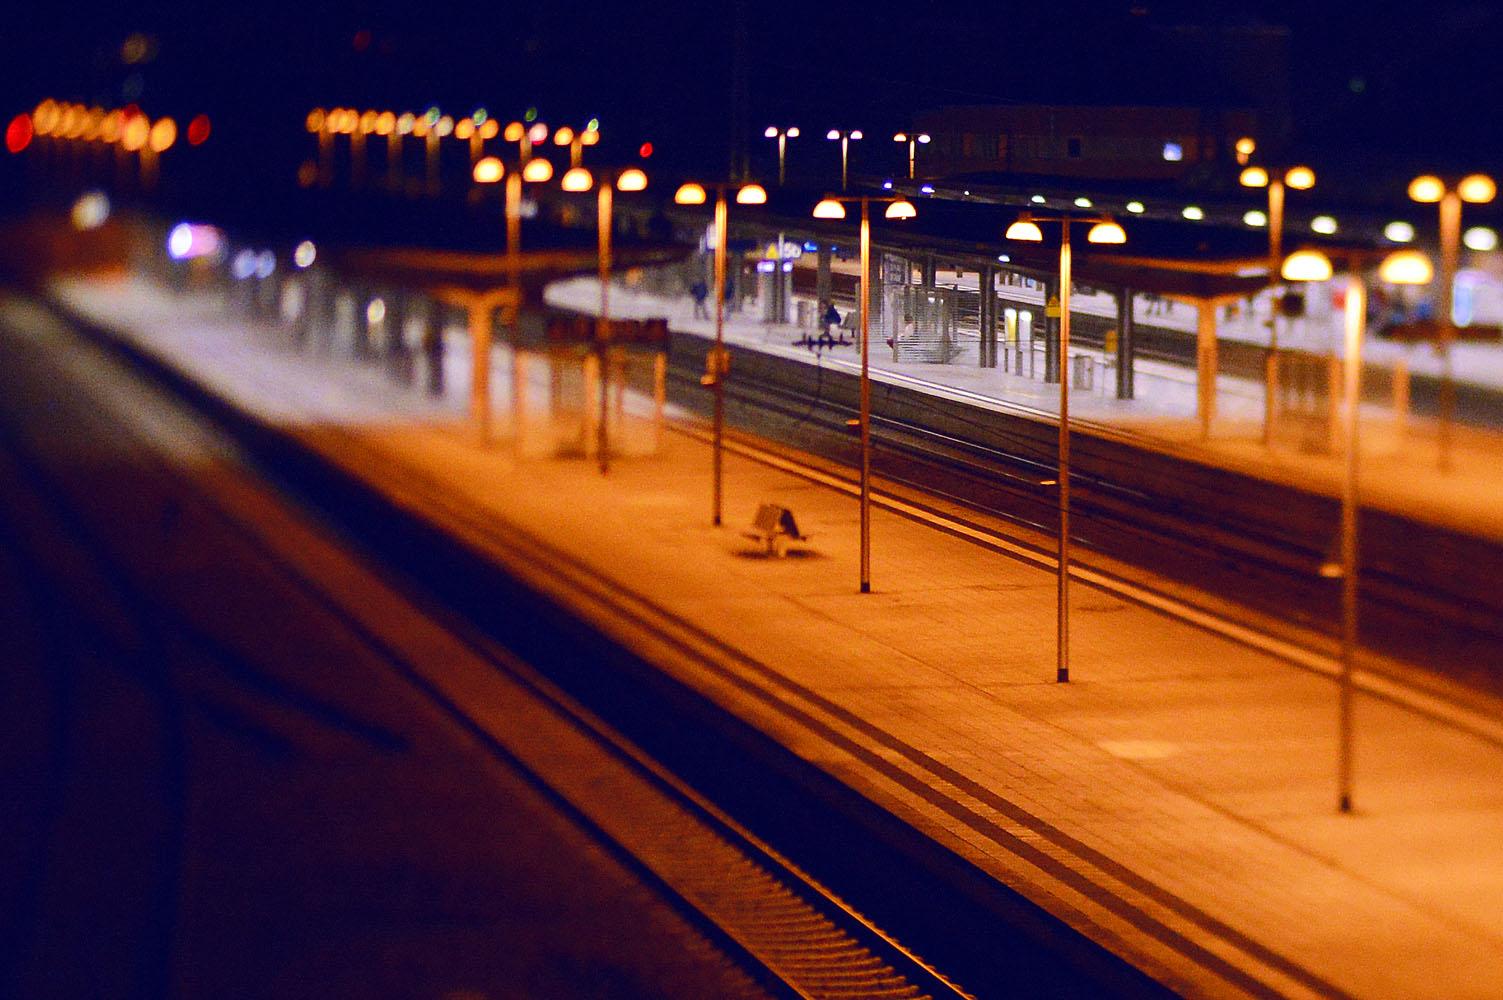 bahnsteig-durlach-nachts